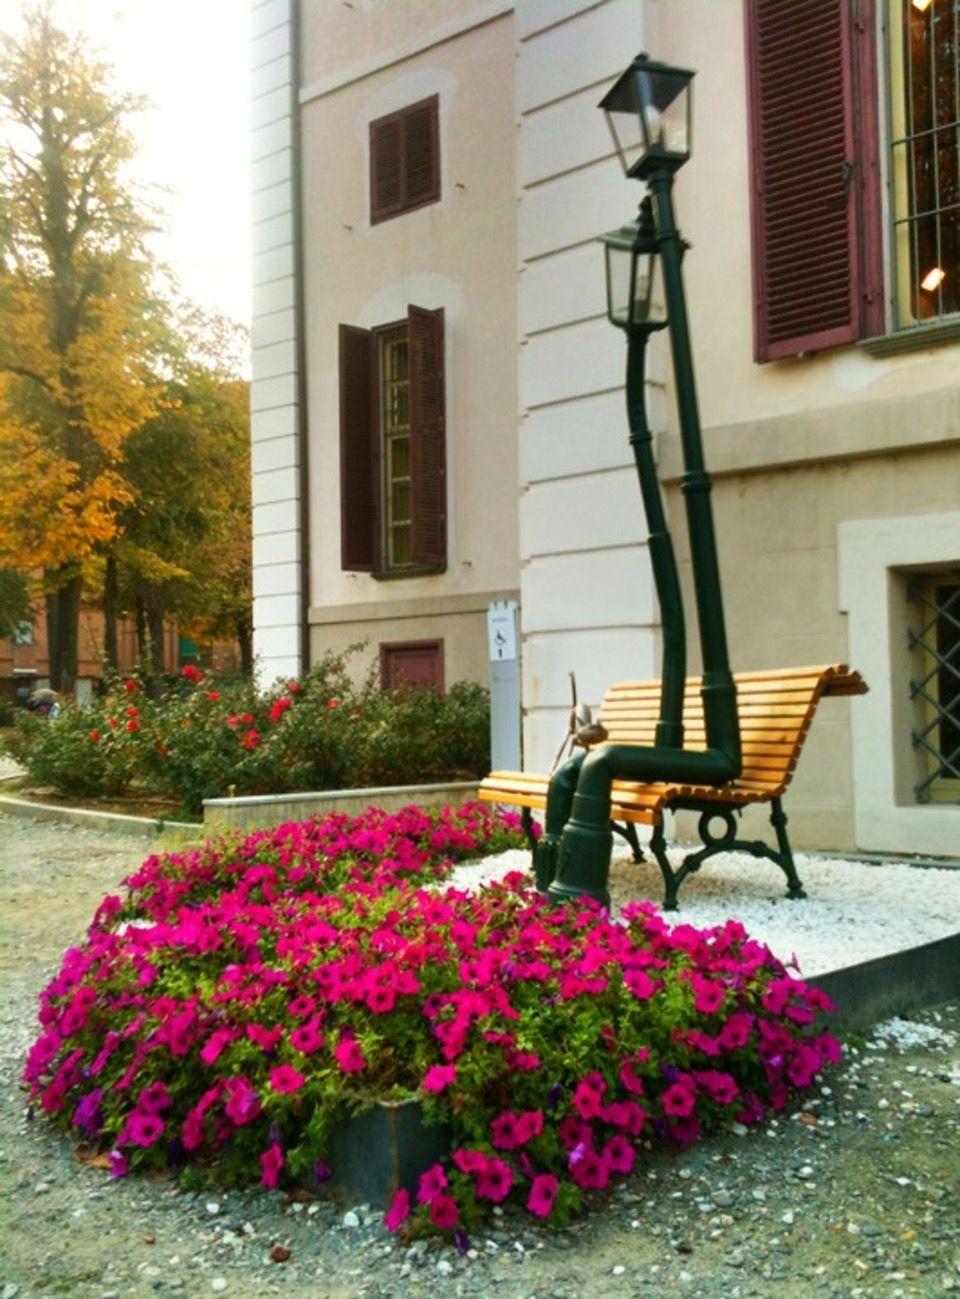 Parco Rignon Villa Amoretti Torino Scultura Di Rodolfo Living In Italy Italy Turin